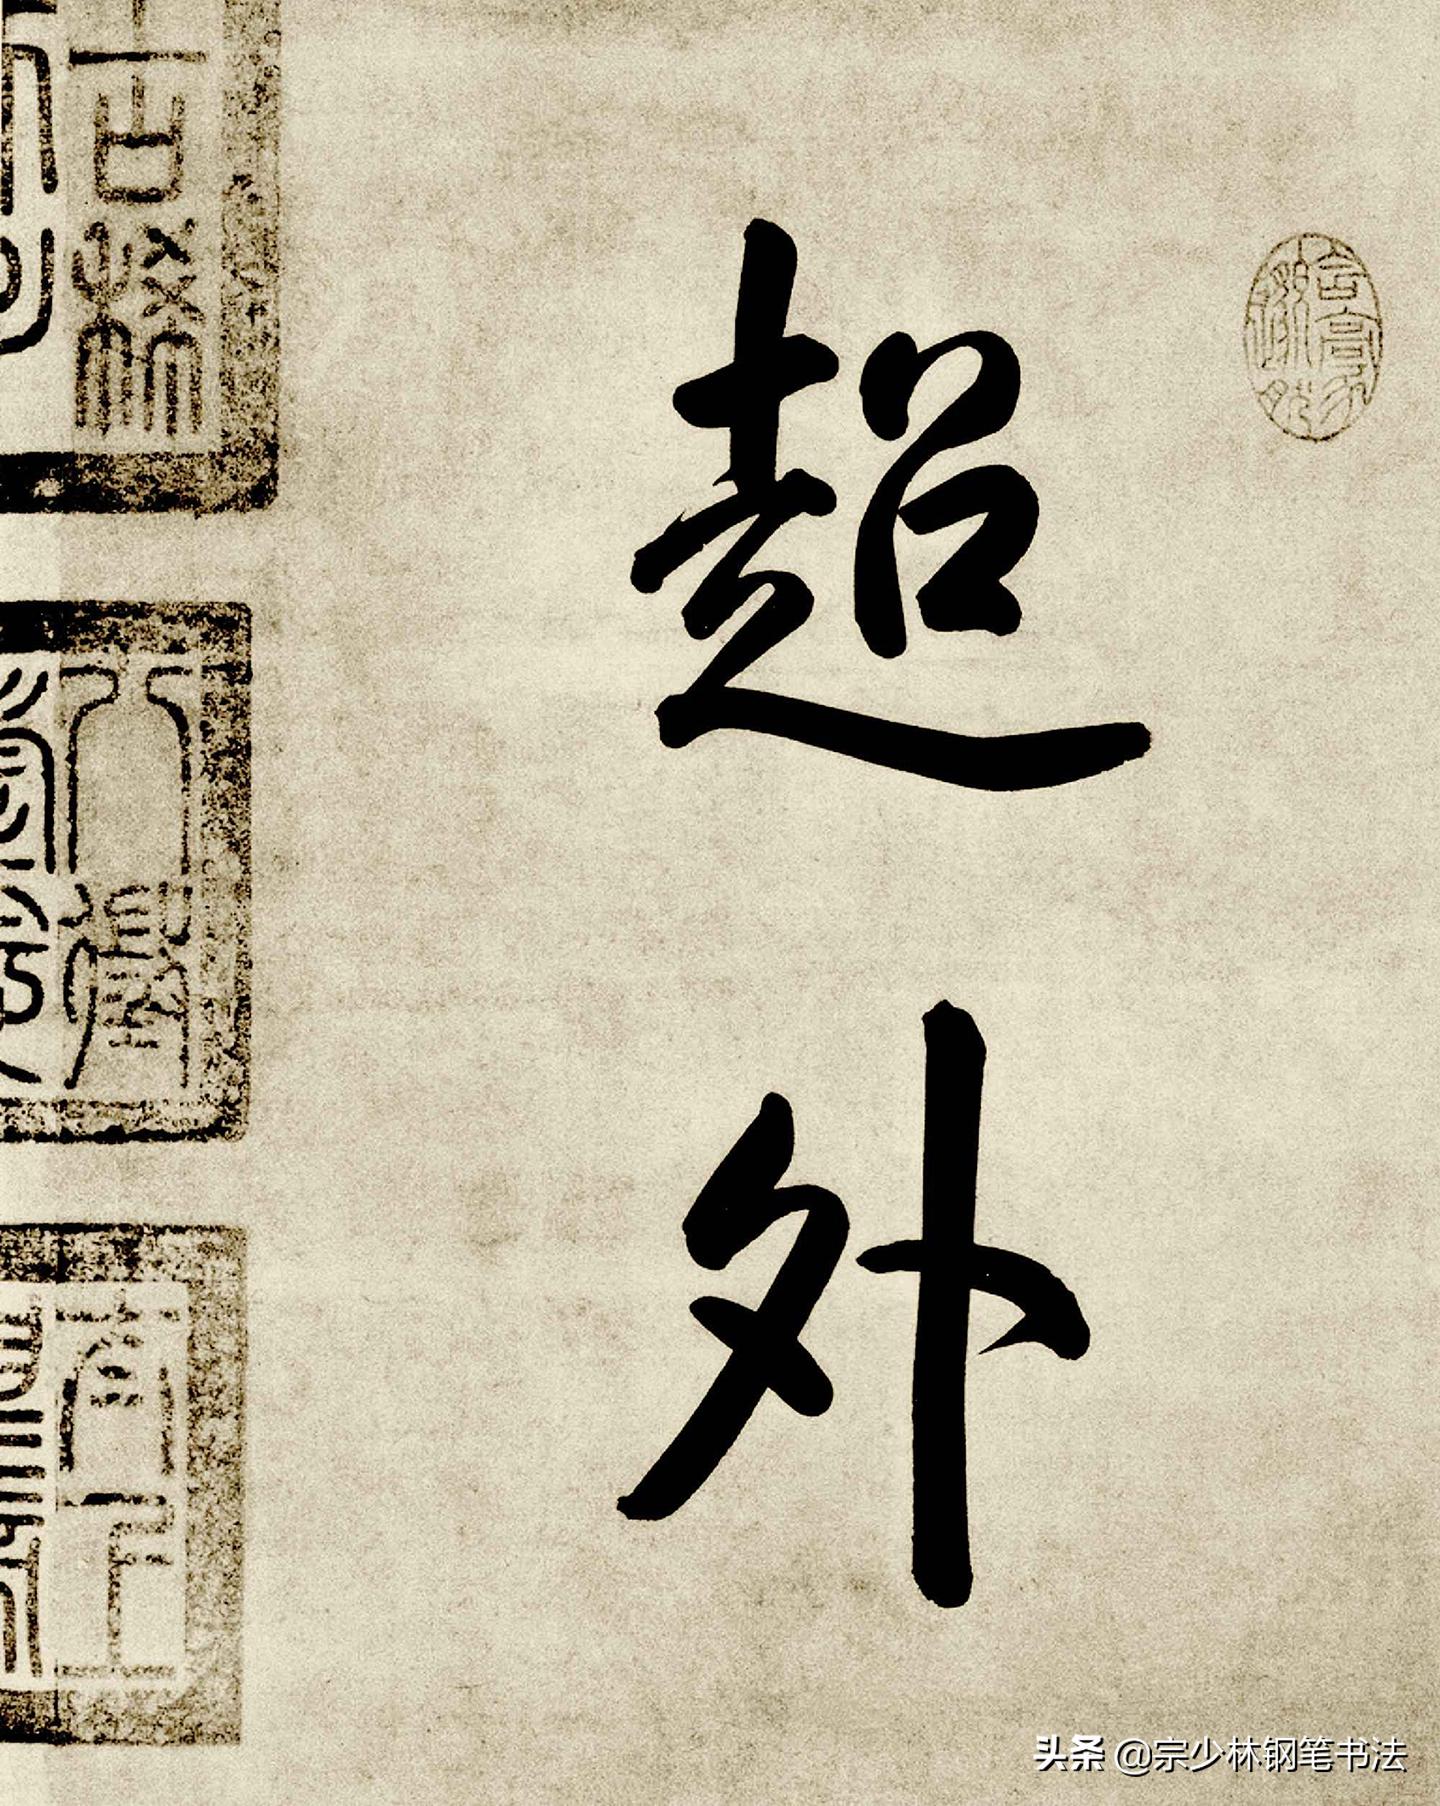 最美书法米芾高清完整版,大宋第一行书,乾隆题跋:超万入神